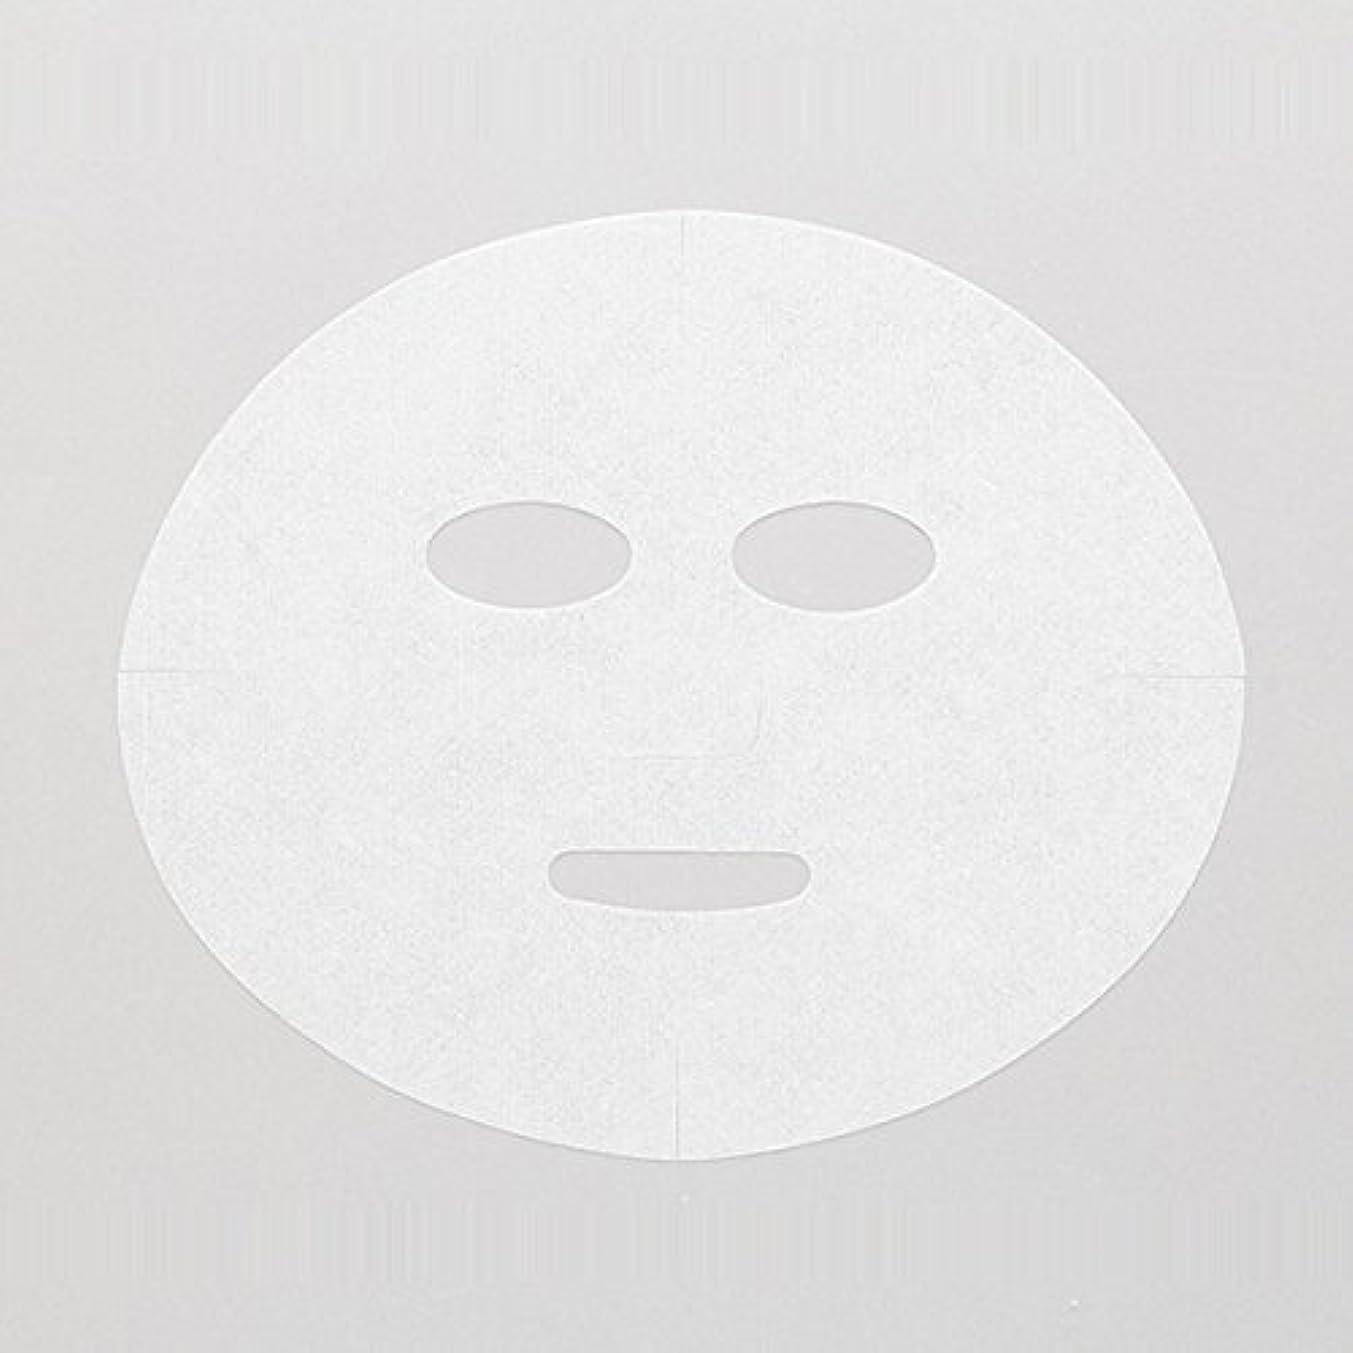 降伏旋回満了高保水 フェイシャルシート (マスクタイプ 化粧水無) 80枚 24×20cm [ フェイスマスク フェイスシート フェイスパック フェイシャルマスク シートマスク フェイシャルシート フェイシャルパック ローションマスク ローションパック ]